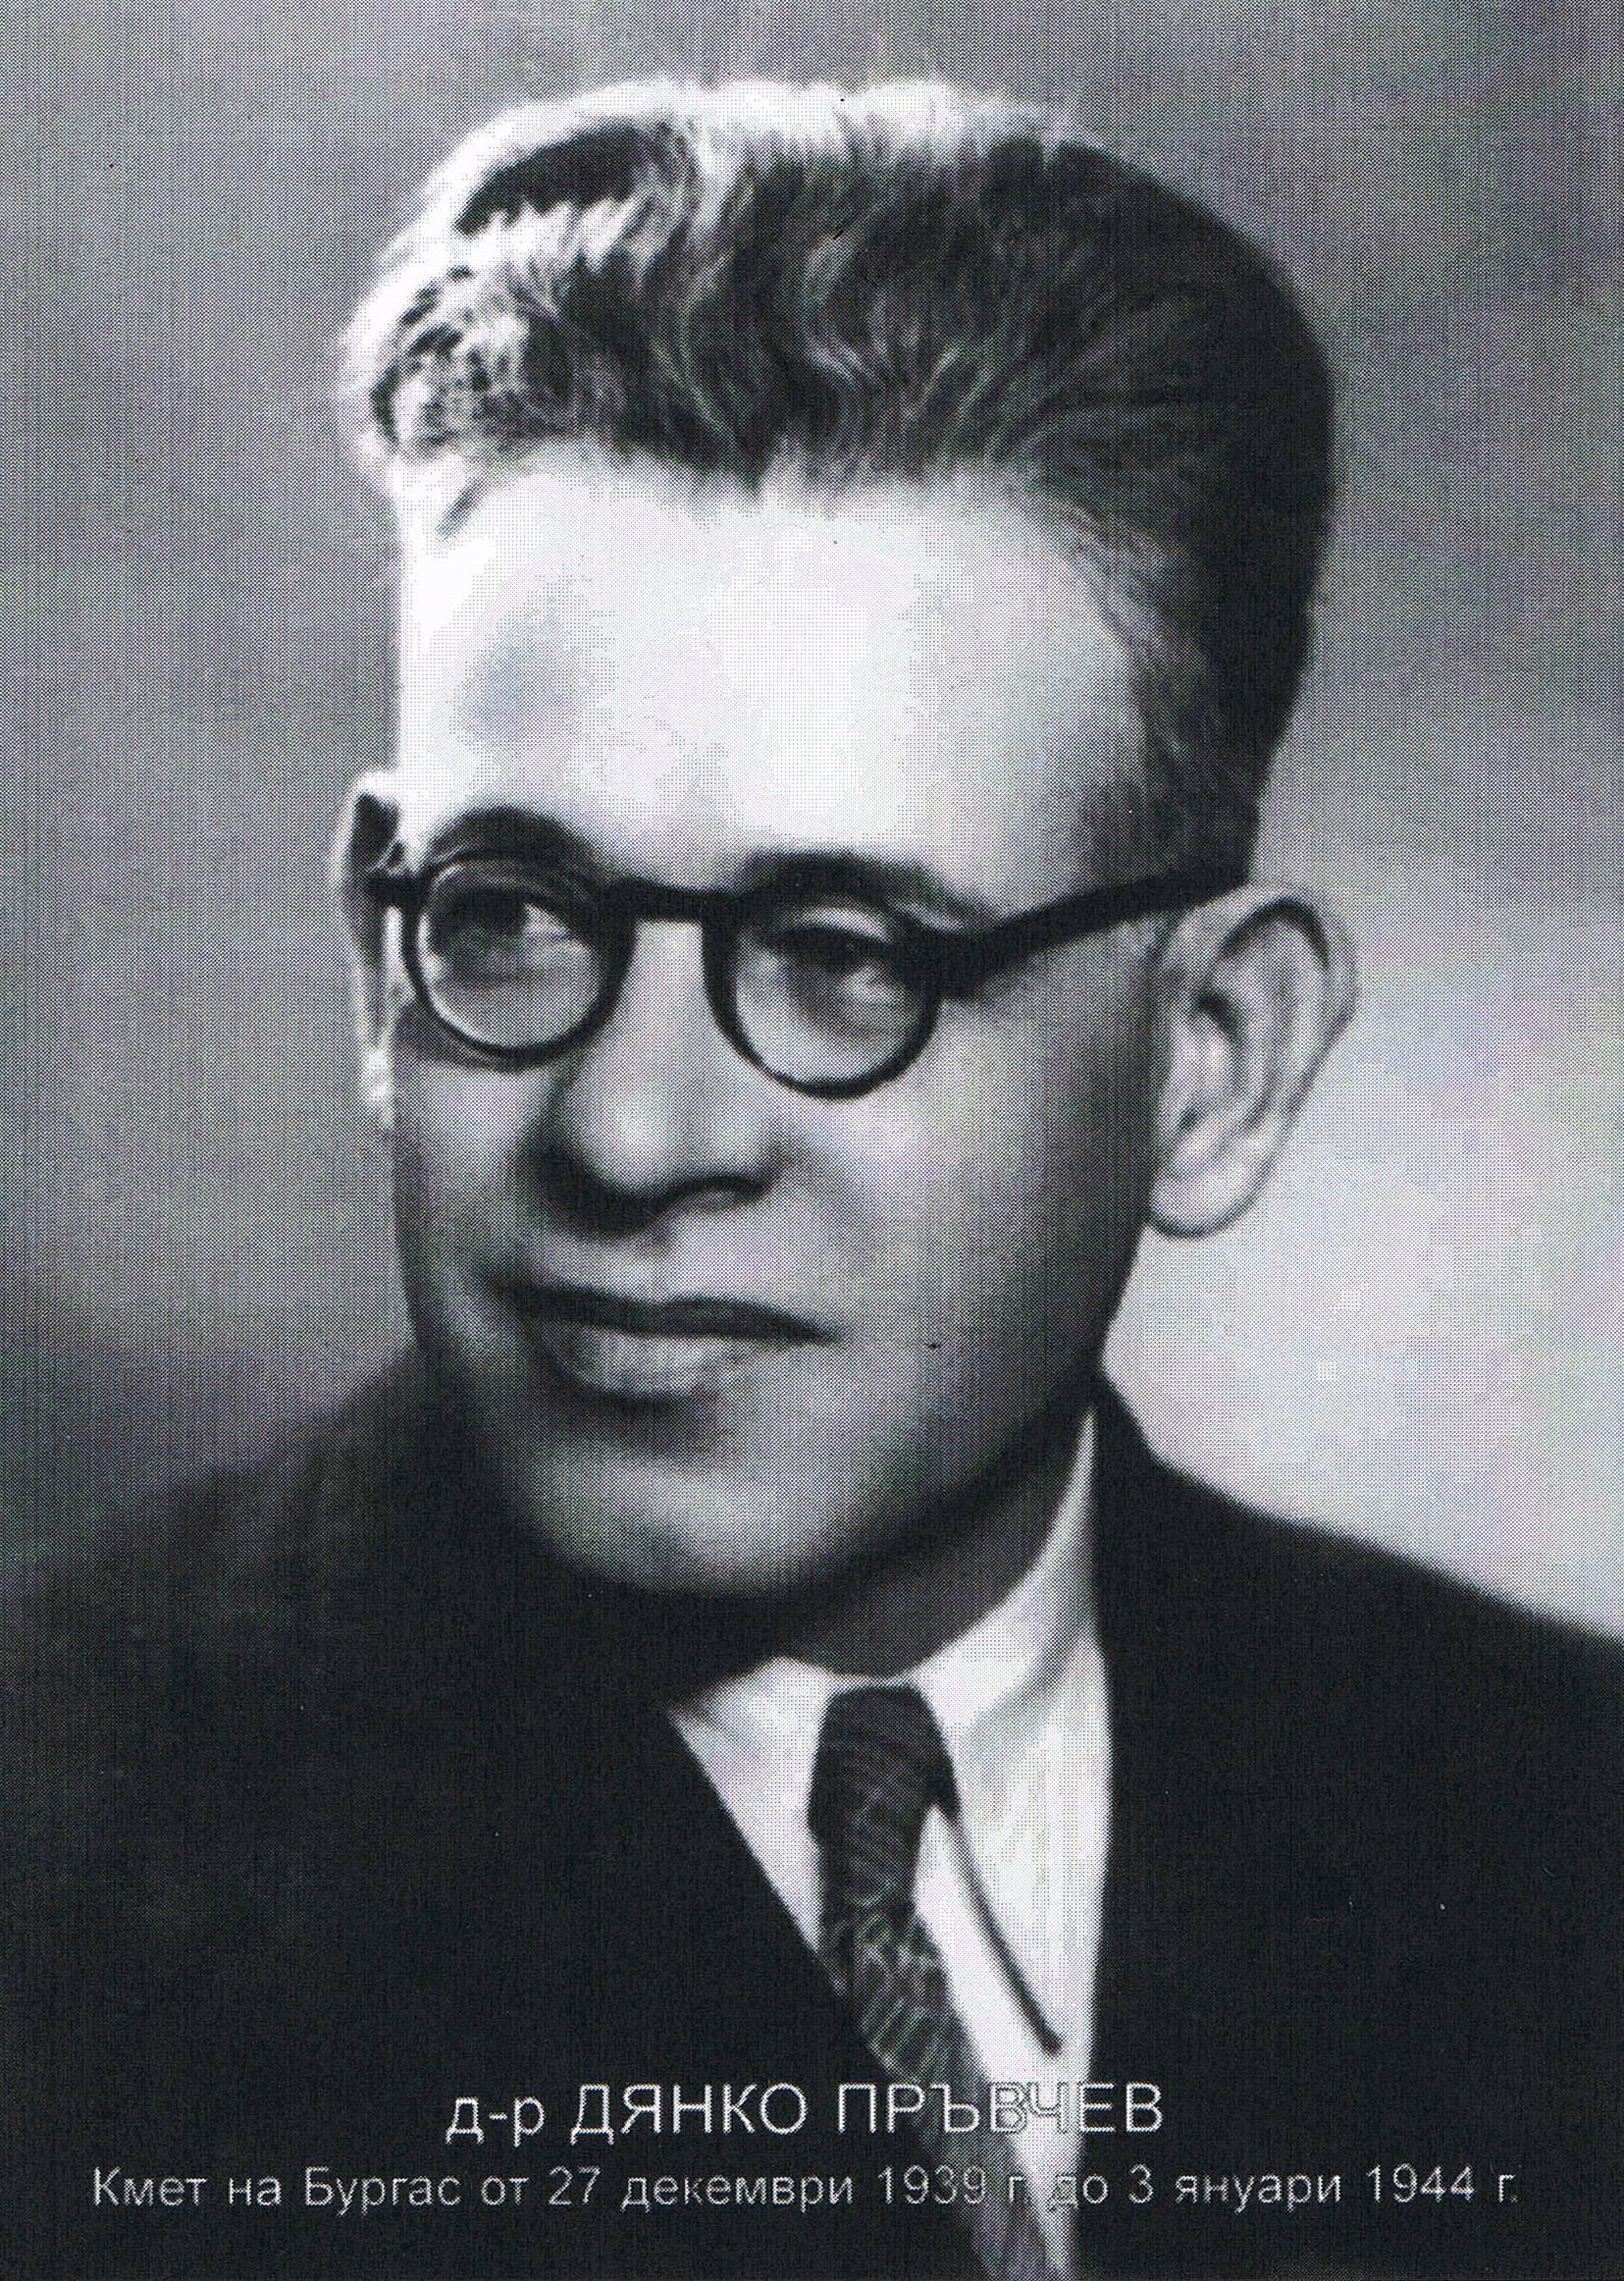 1. Dyanko Pryvchev